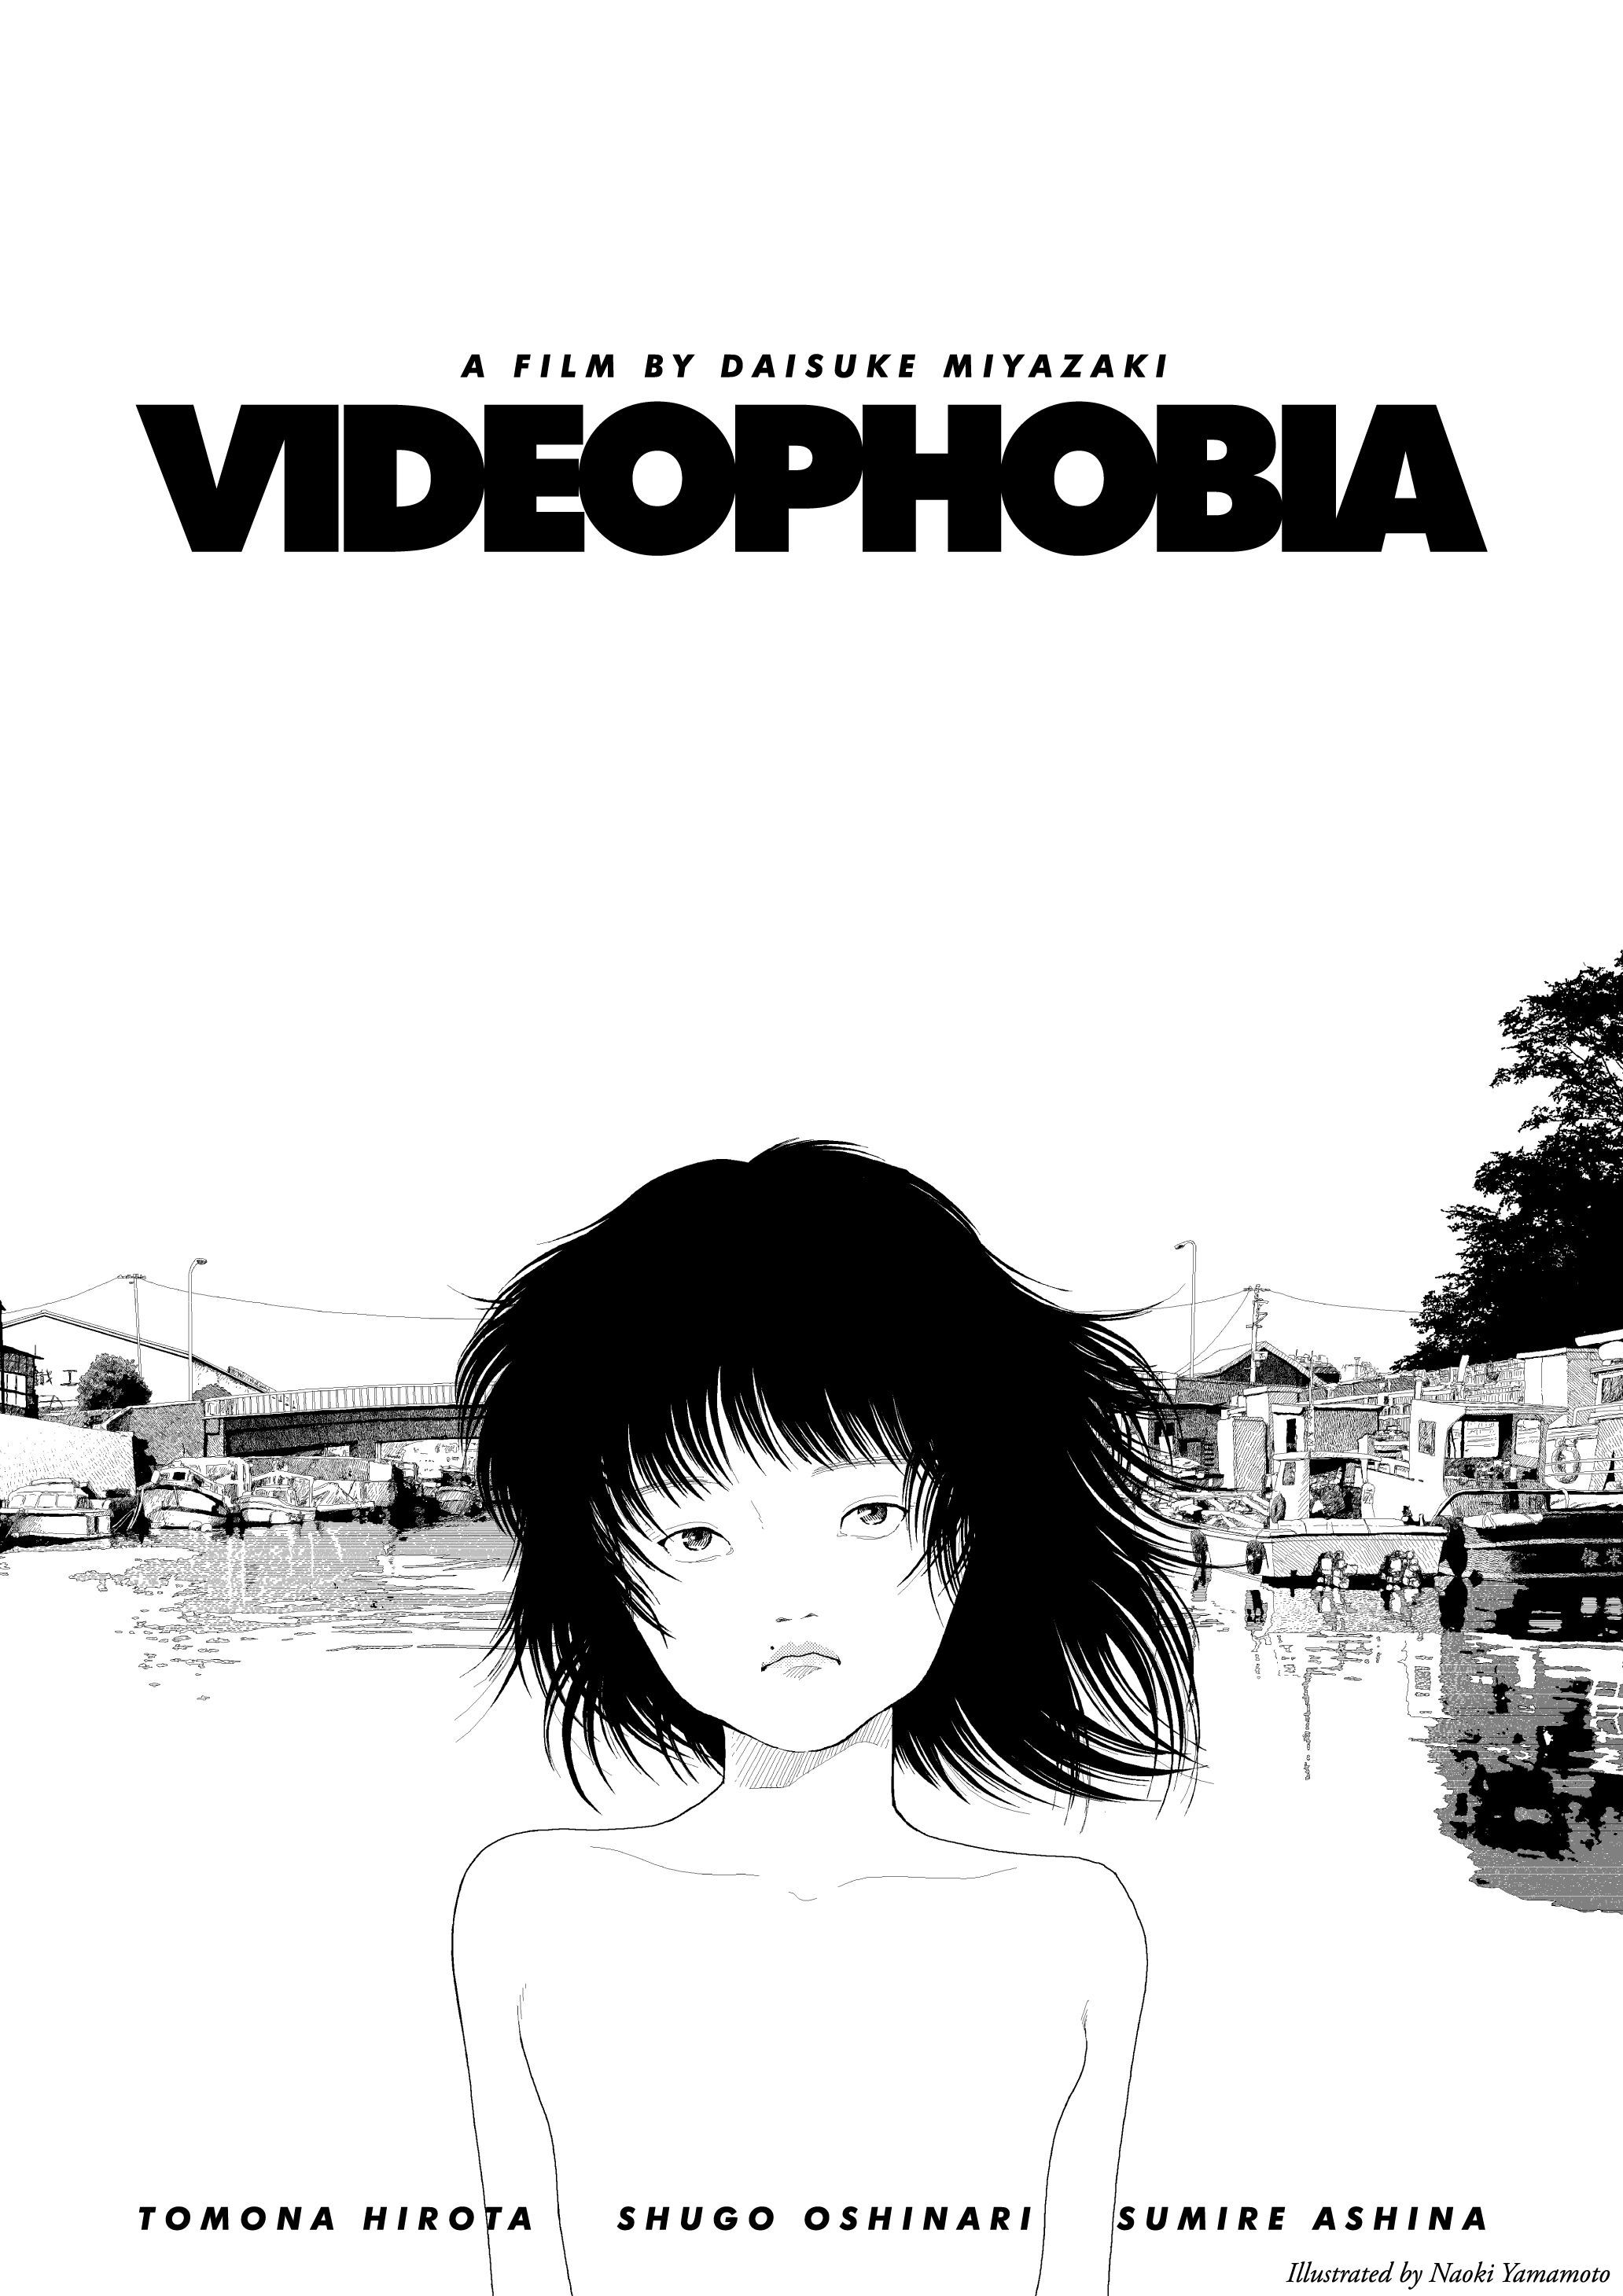 山本直樹氏が手掛けた『VIDEOPHOBIA』ポスタービジュアル